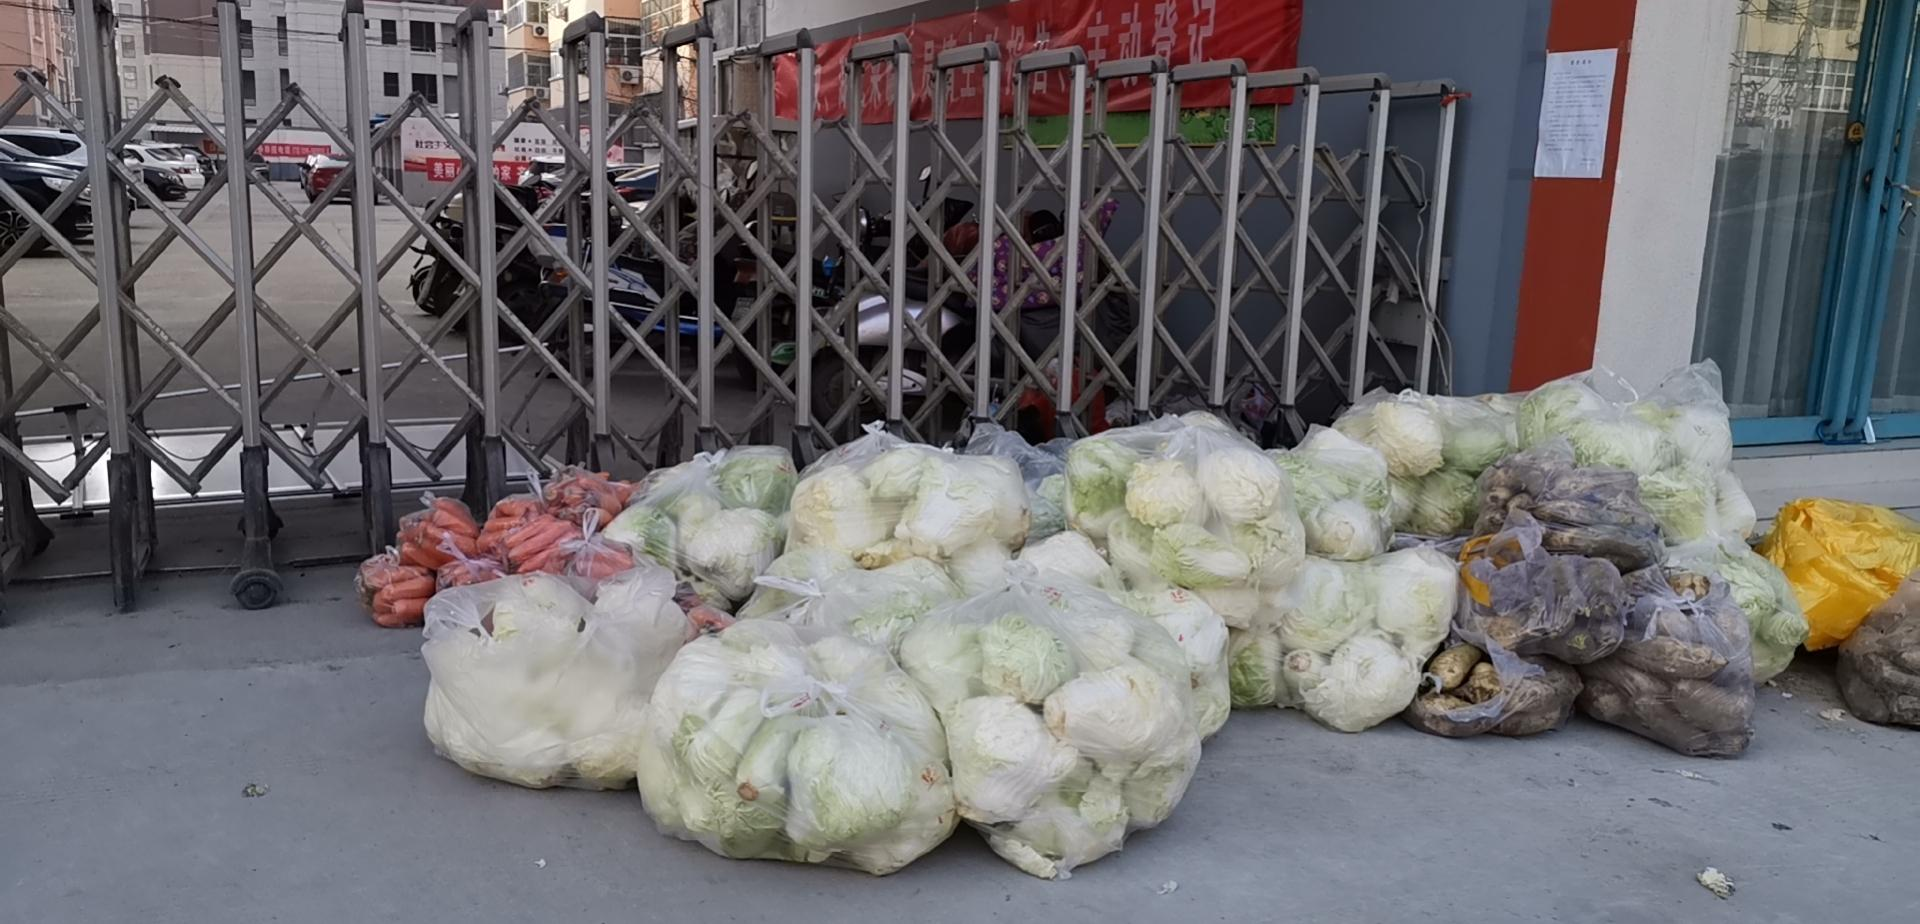 隔离@小区居民没有哄抢蔬菜,临颍:封闭隔离进入第三天